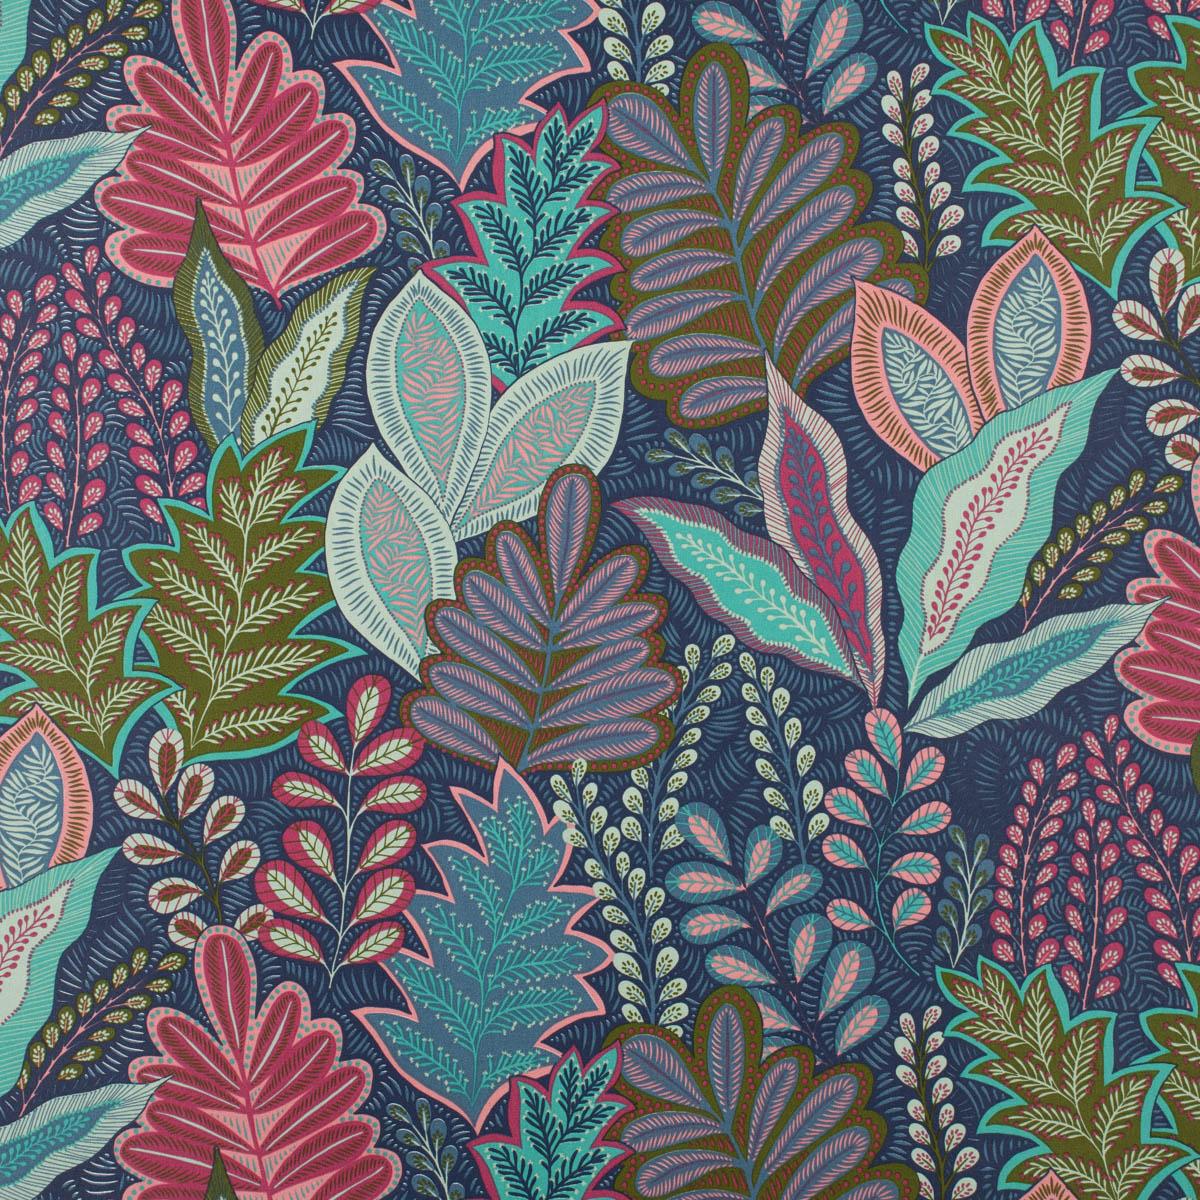 Dekostoff Halbpanama Leinenlook Botanic Arty Blätter blau pink grün 1,40m Breite